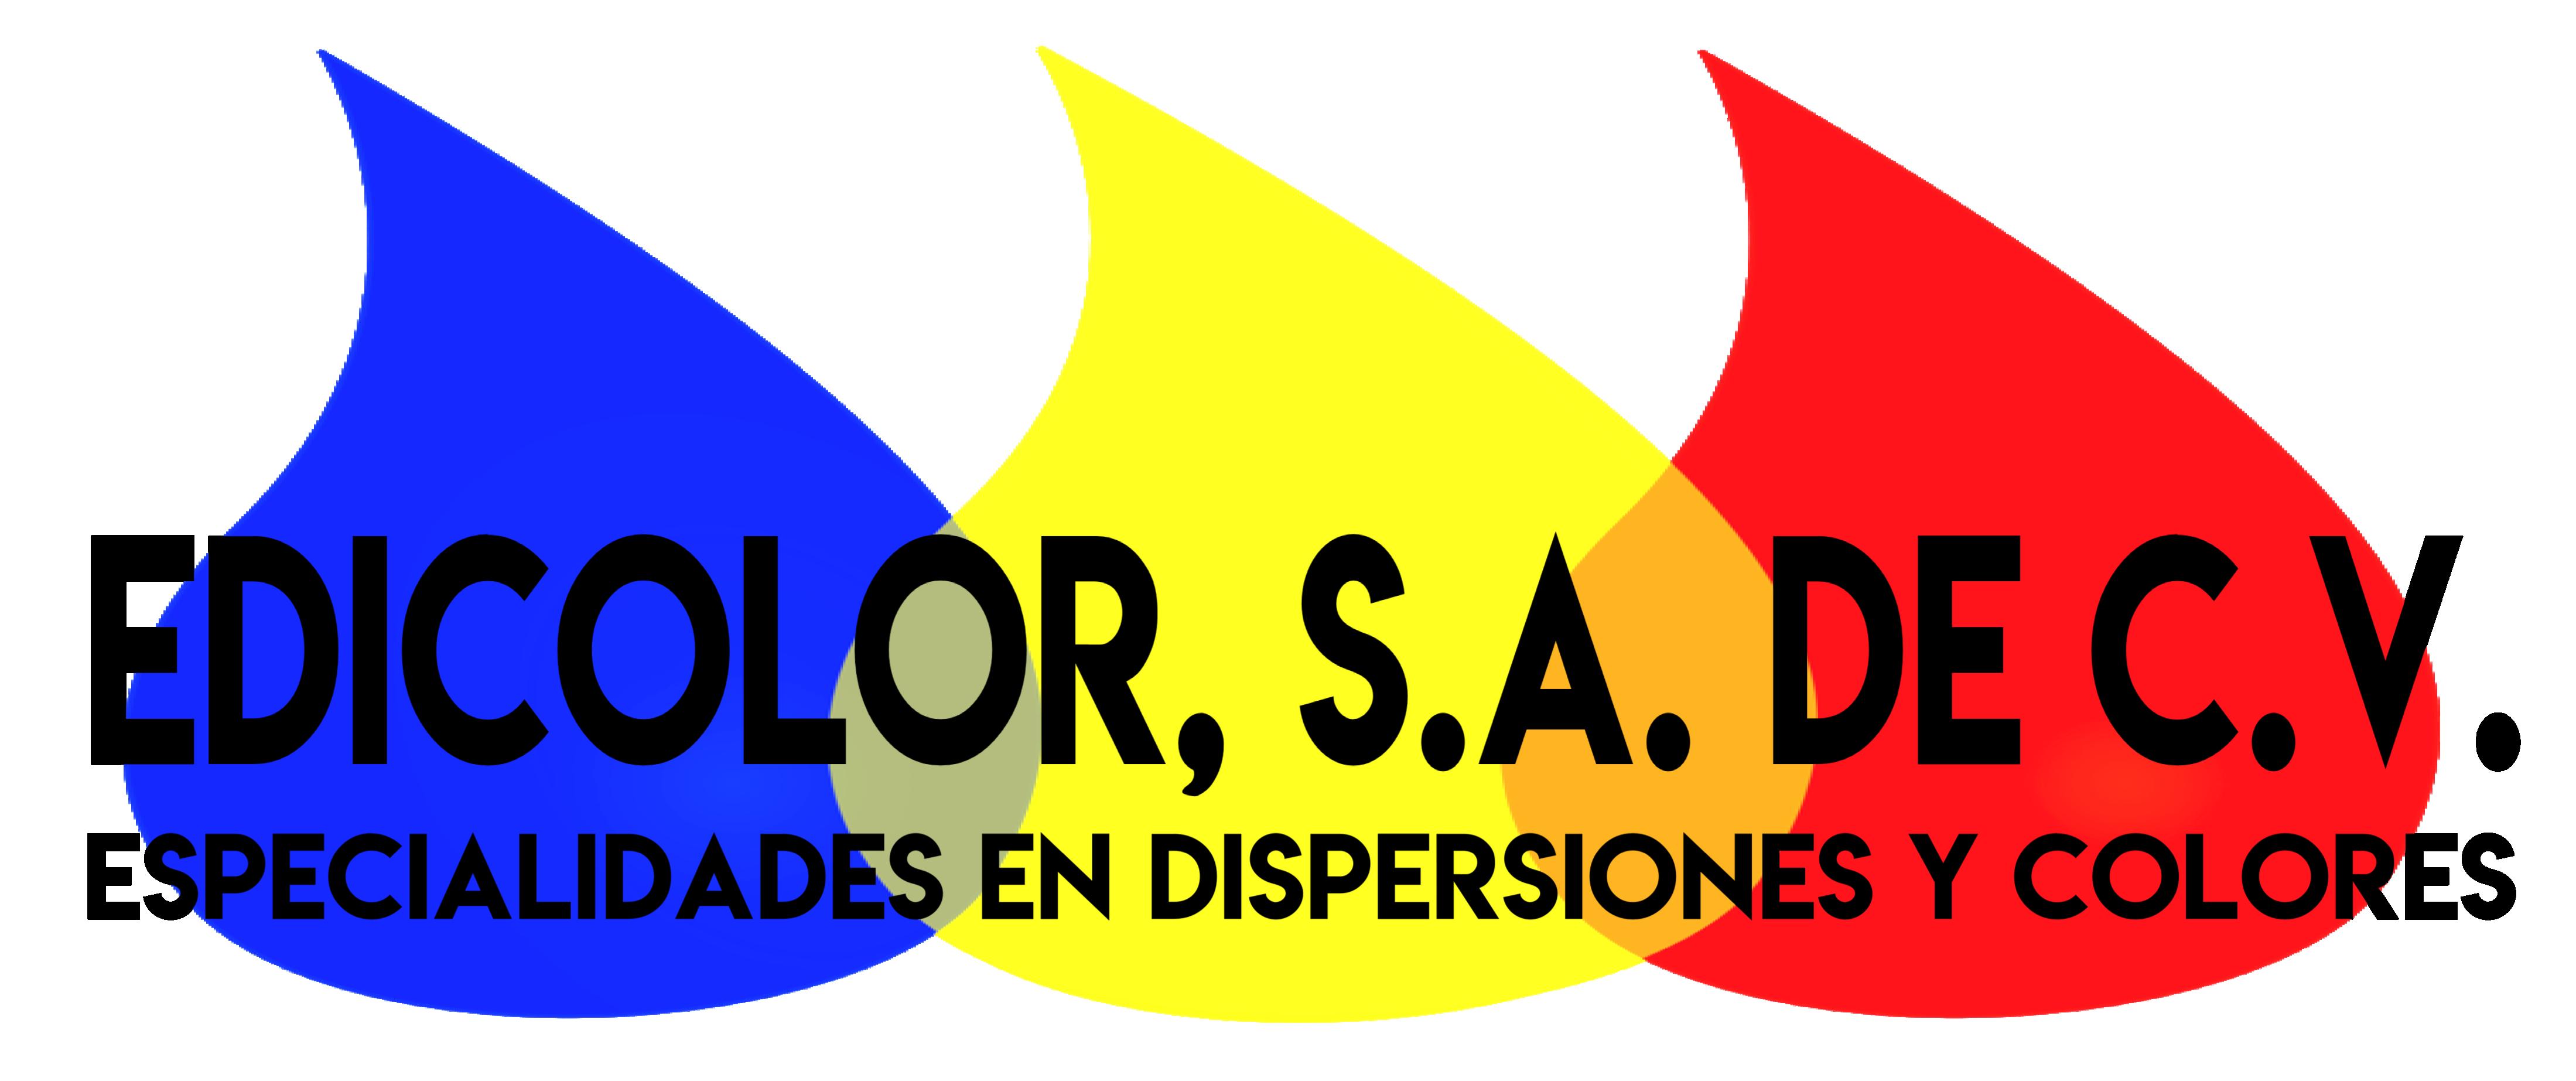 Edicolor S.A. de C.V.